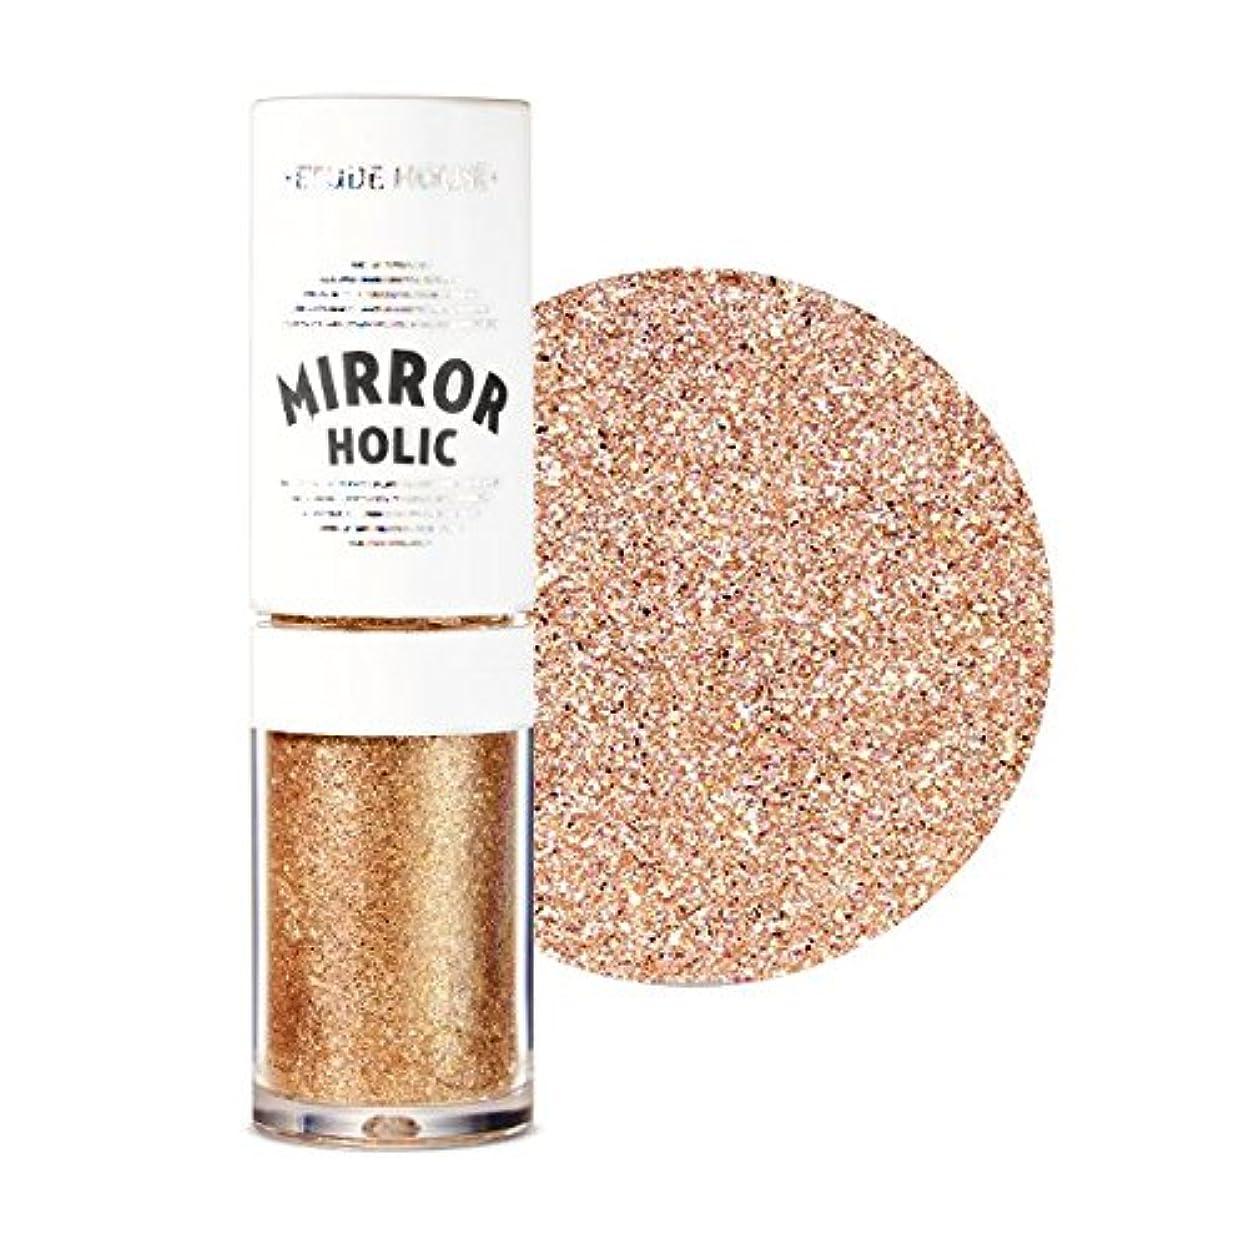 出します薬局ためにETUDE HOUSE Mirror Holic Liquid Eyes / エチュードハウス ミラーホリックリキッドアイズ ミラーホリックリキッドアイズ (BE101) [並行輸入品]